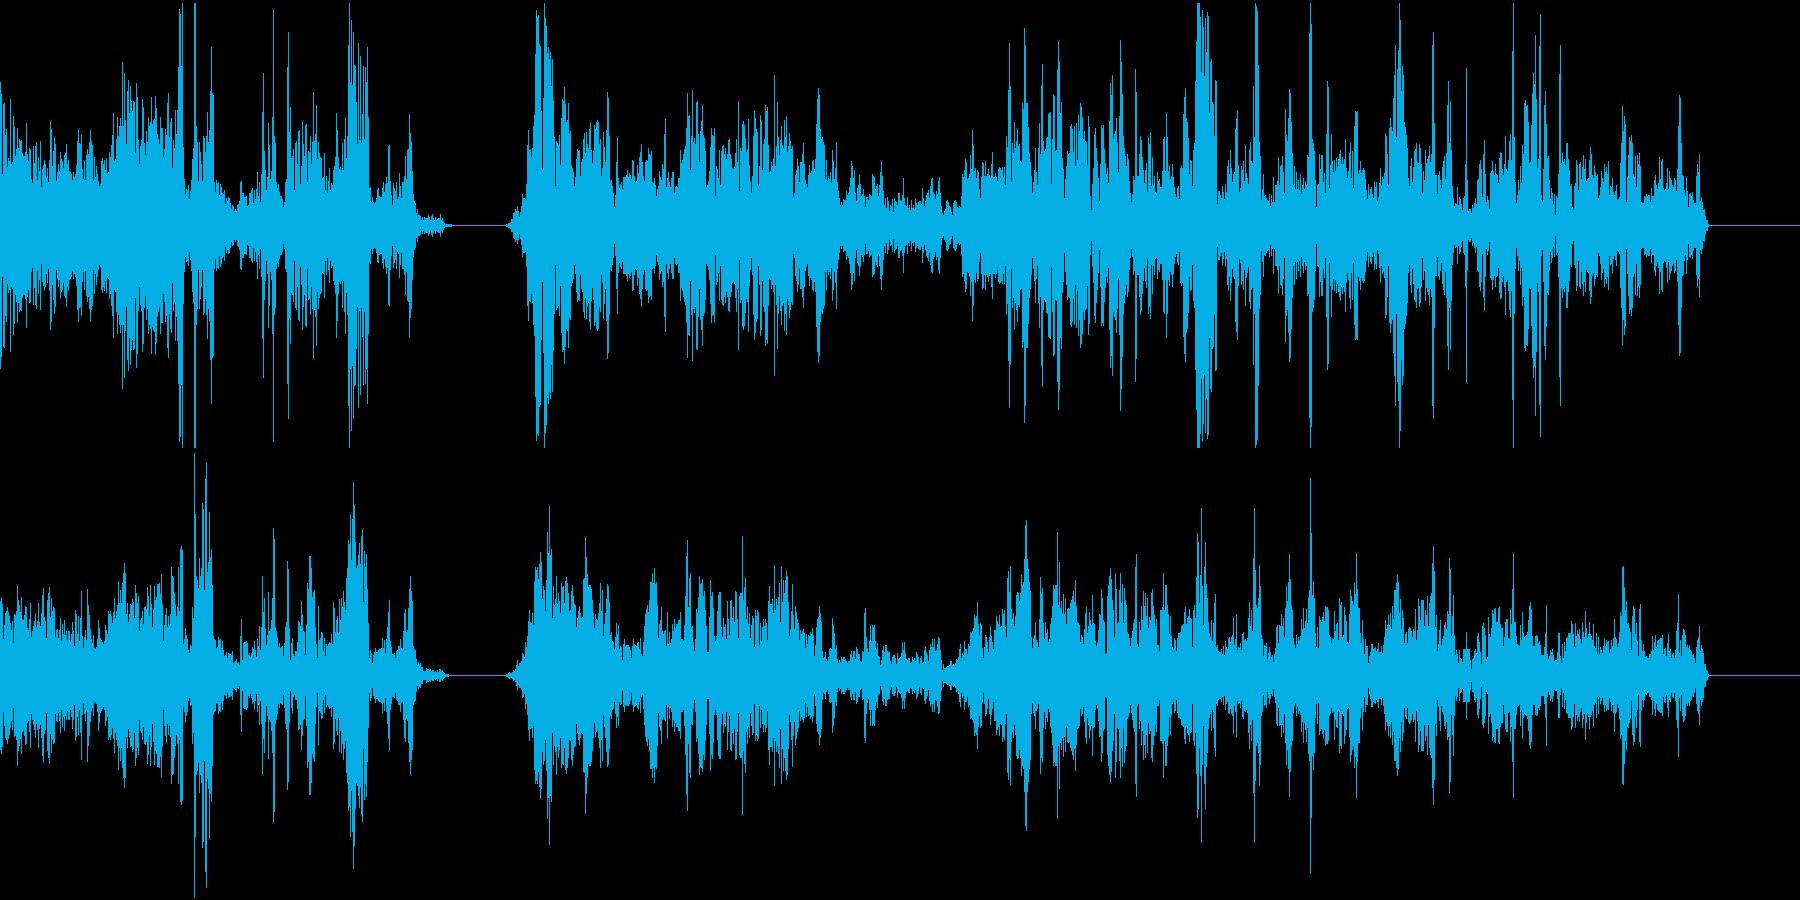 TVFX POPなザッピング音 6の再生済みの波形